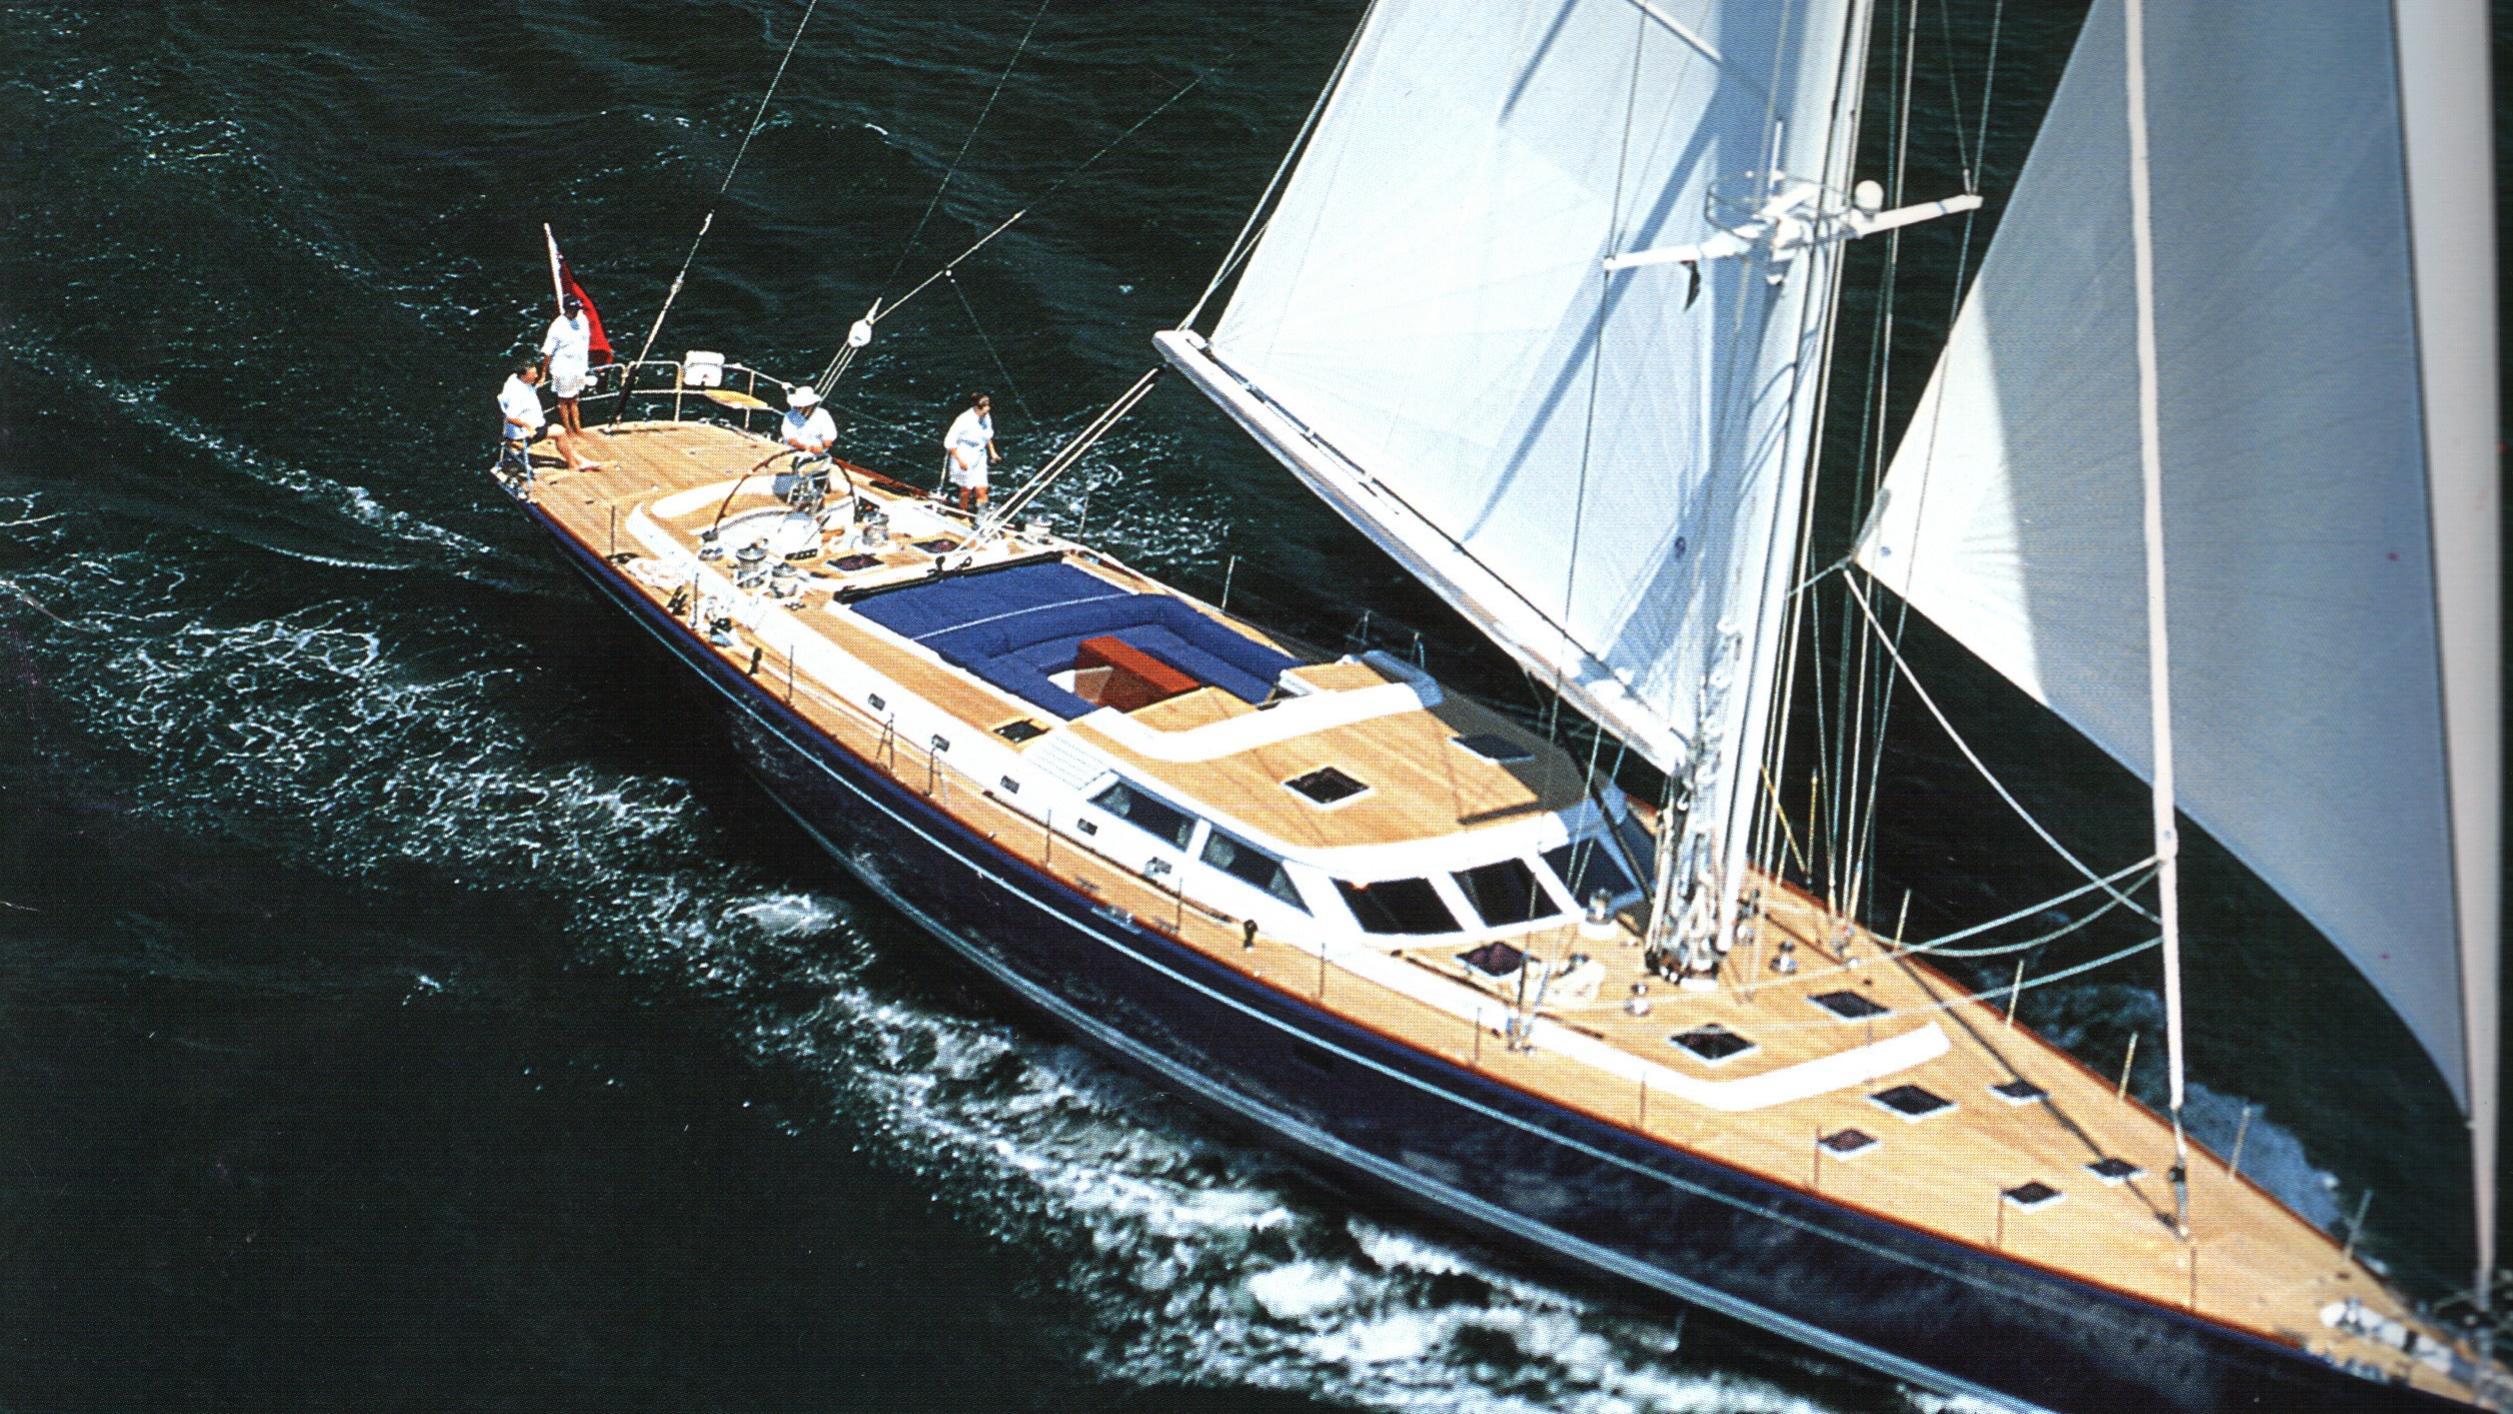 Maya Ray sailing yacht running